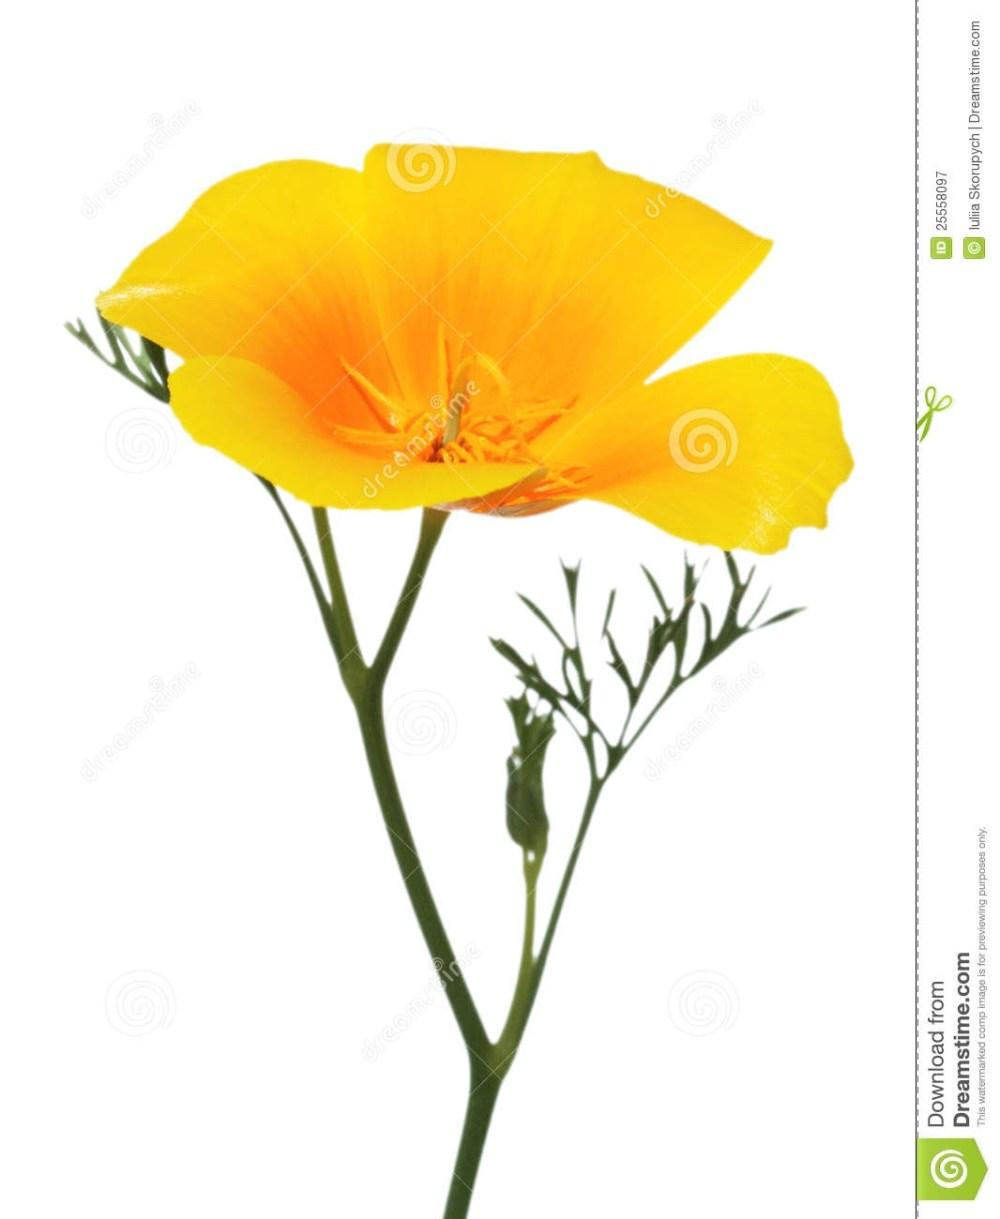 medium resolution of california poppy clipart 1937574